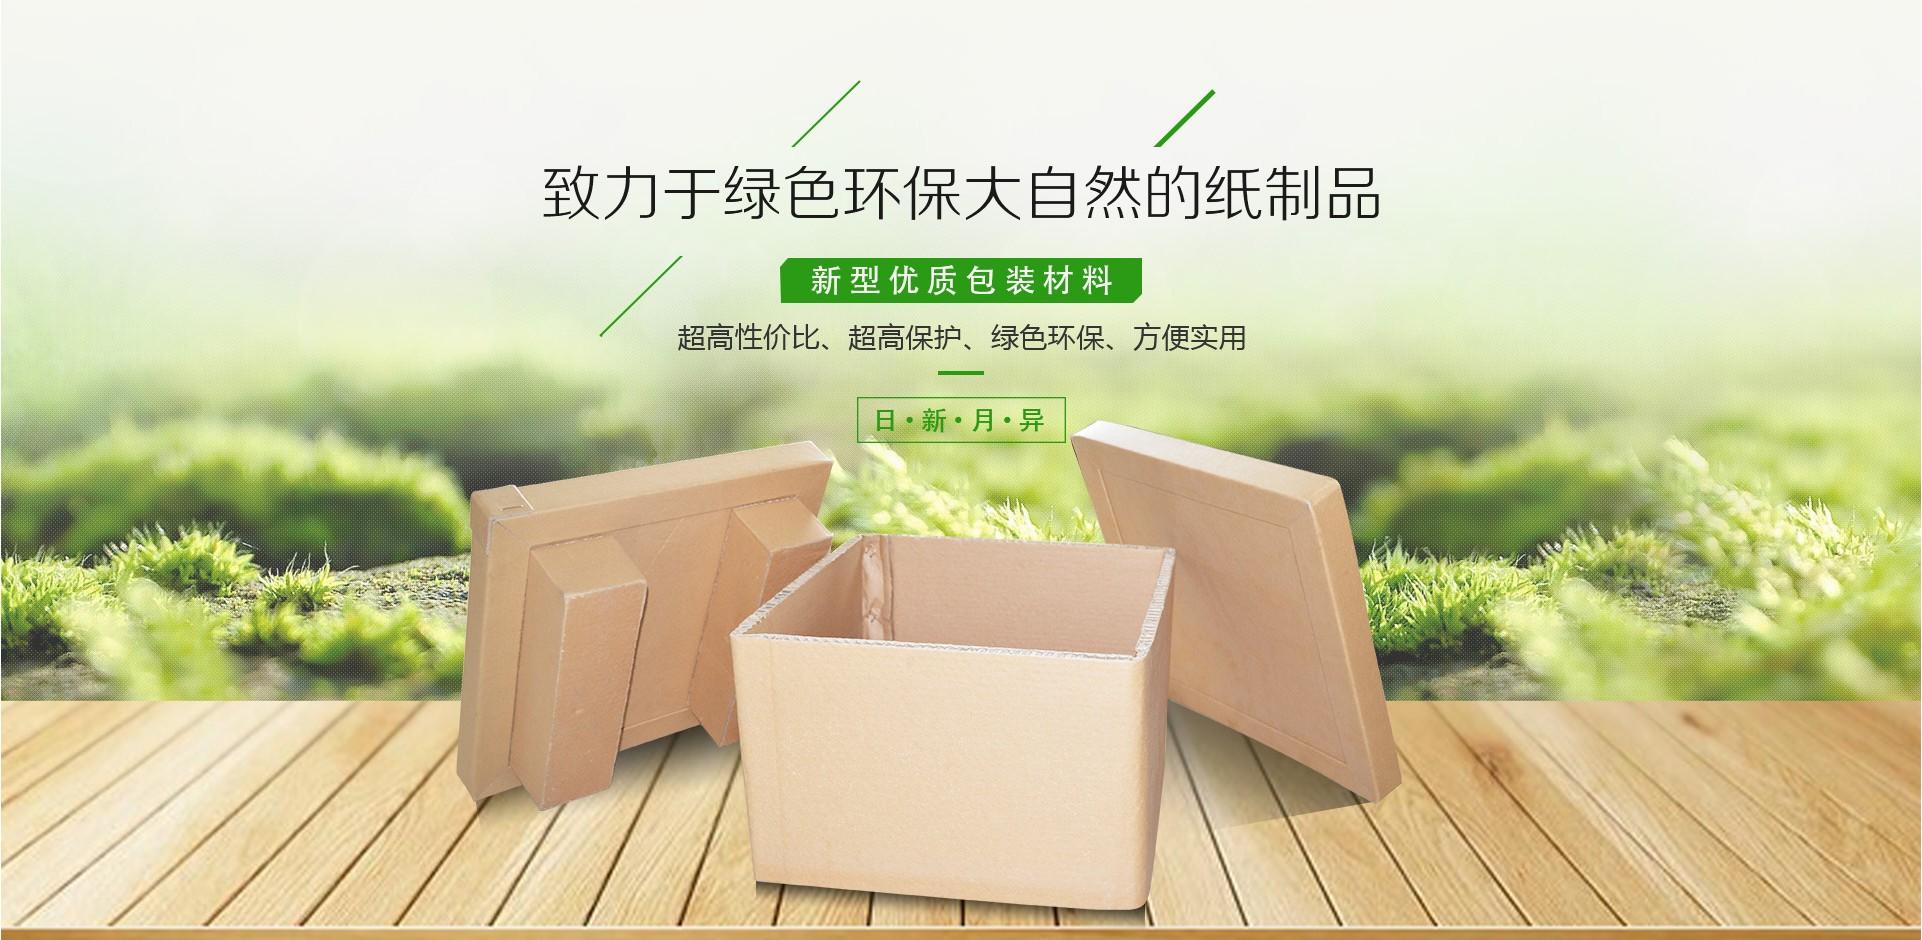 川阳必威体育权威官网必威体育官方下载